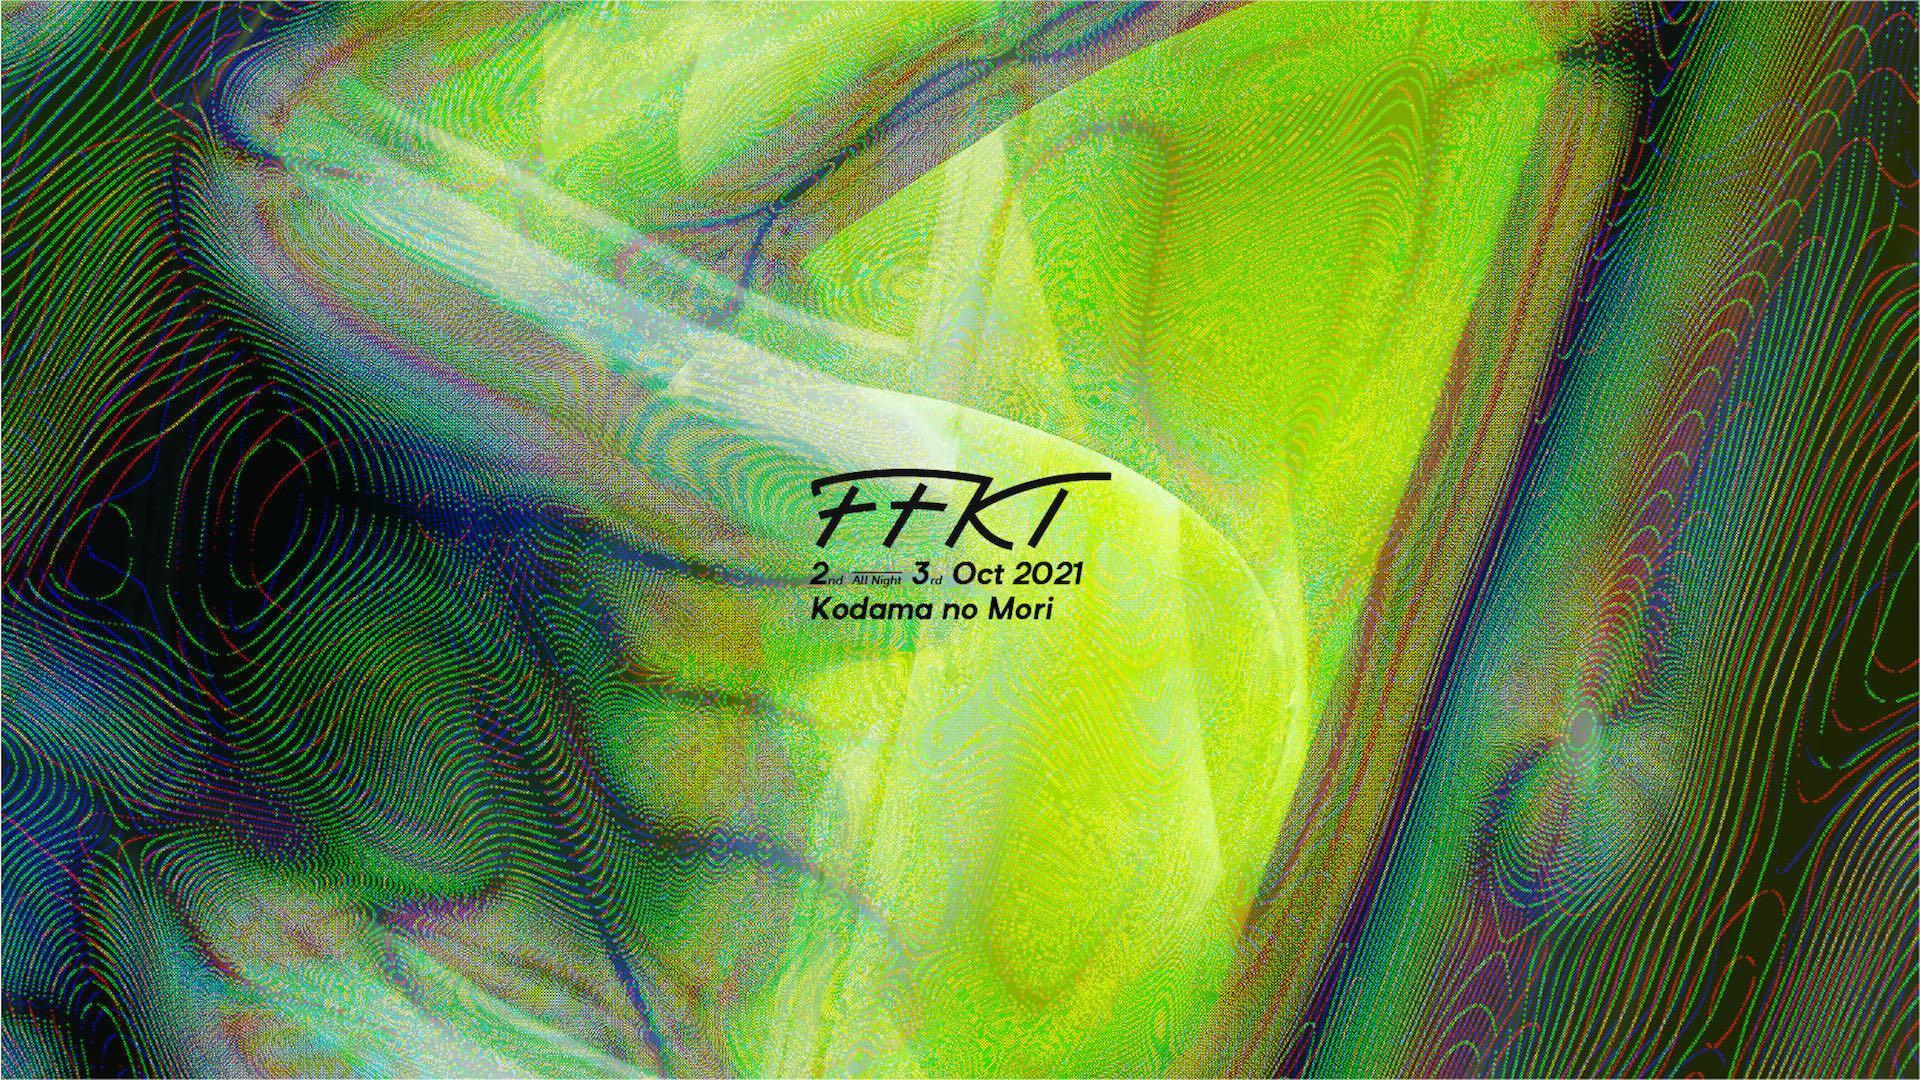 フジロックやSUPERSONIC、FFKT、結いのおとなど 2021年開催予定の国内音楽フェス6選